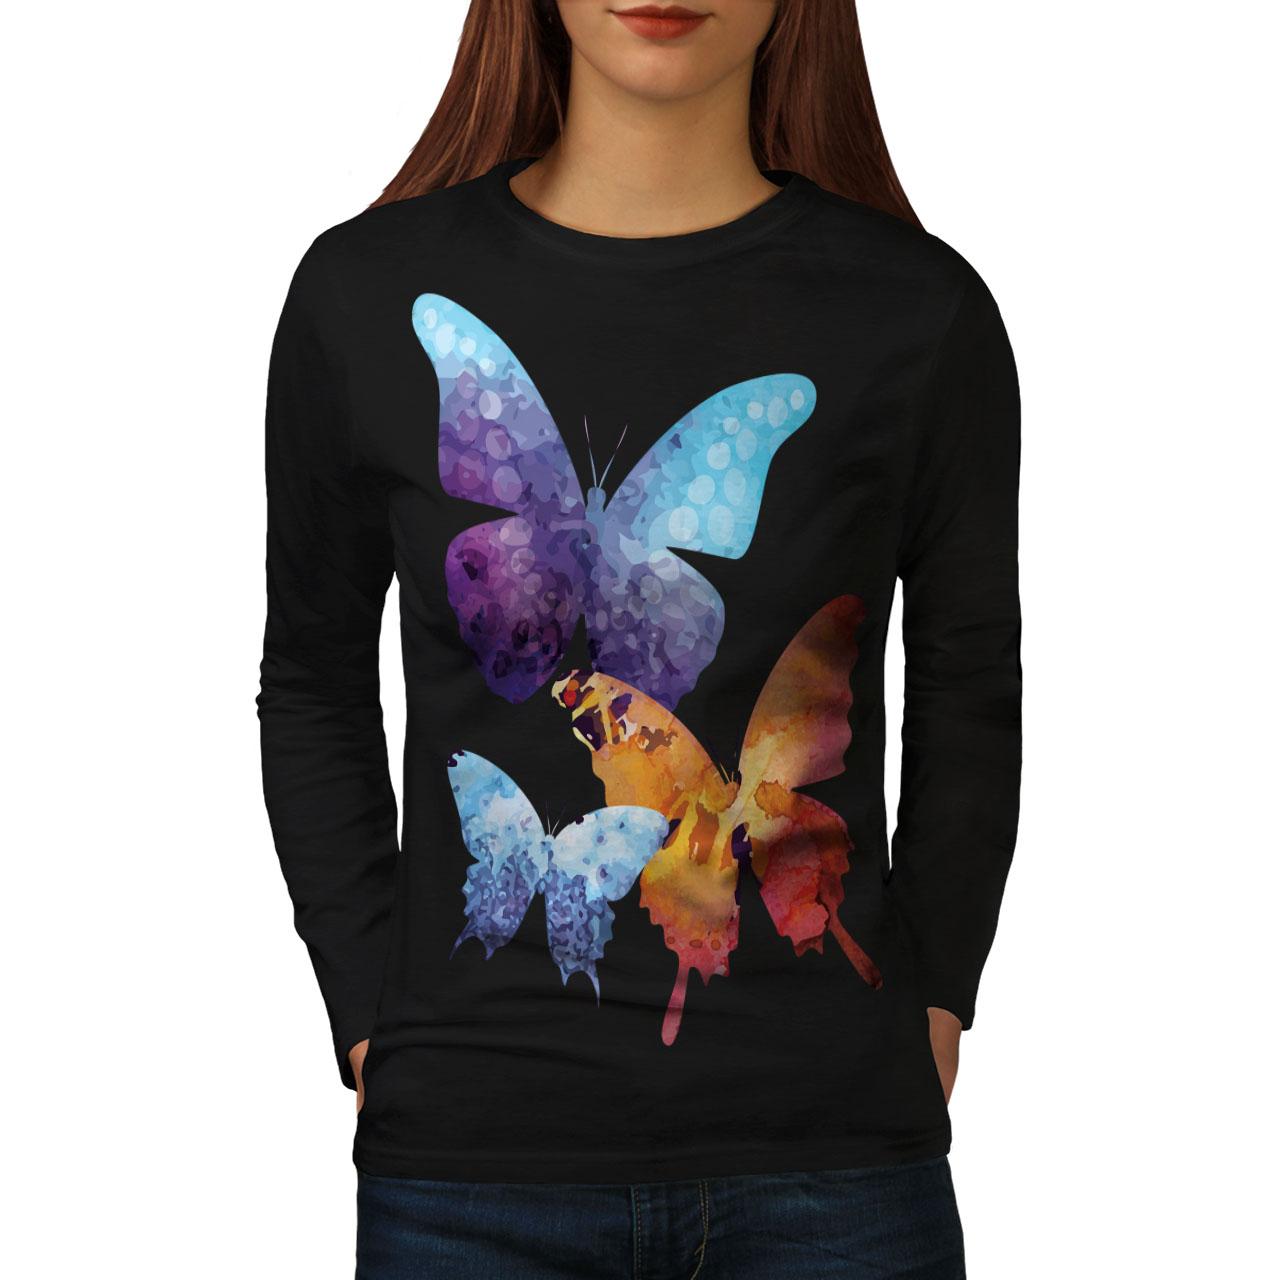 Artistic Butterfly Women Long Sleeve T-shirt NEWWellcoda